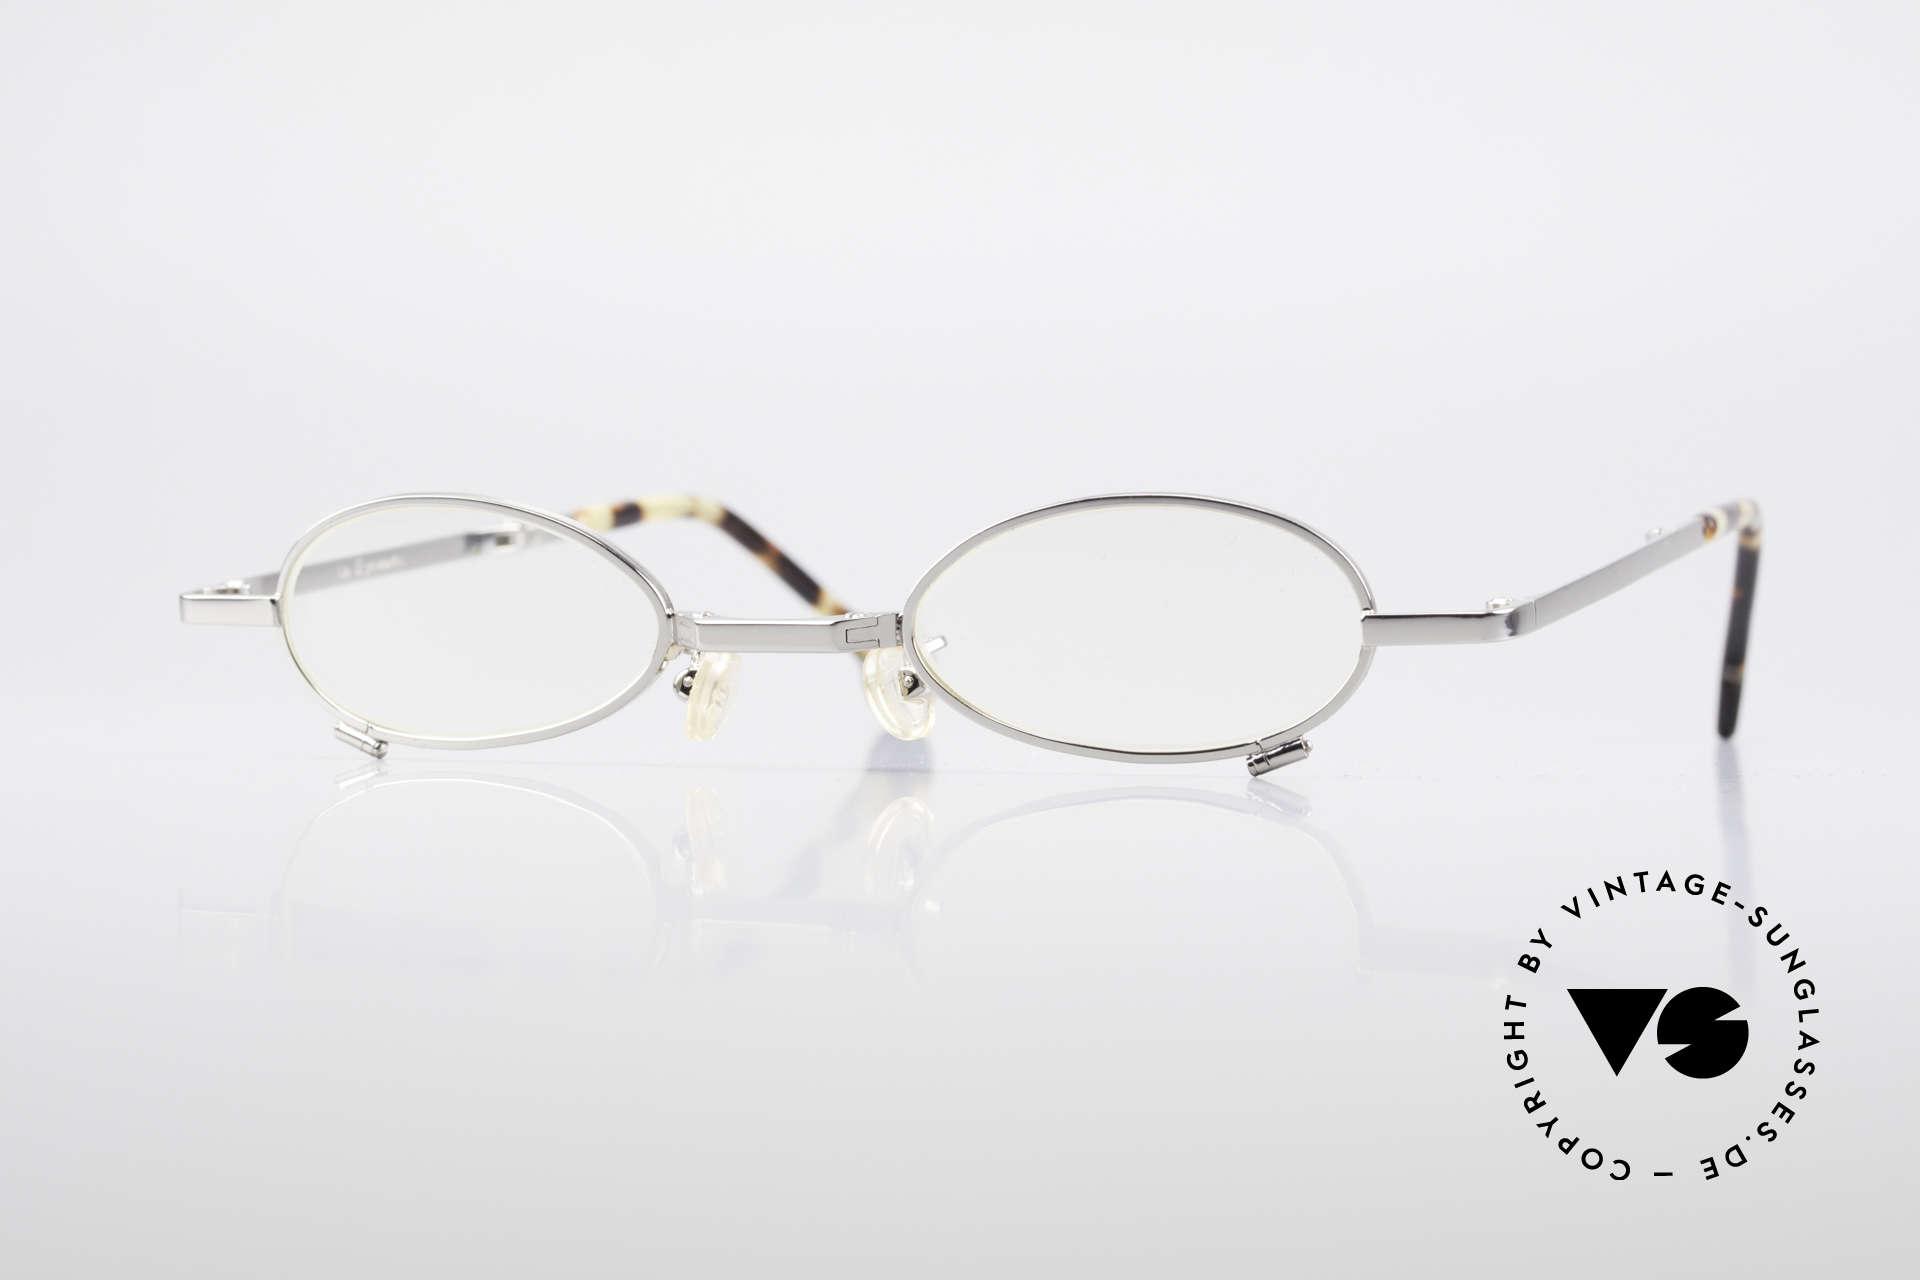 L.A. Eyeworks TIO 405 Faltbrille Brille zum Falten, L.A. EYEWORKS: Kleinstserien aparter Brillenmodelle, Passend für Herren und Damen